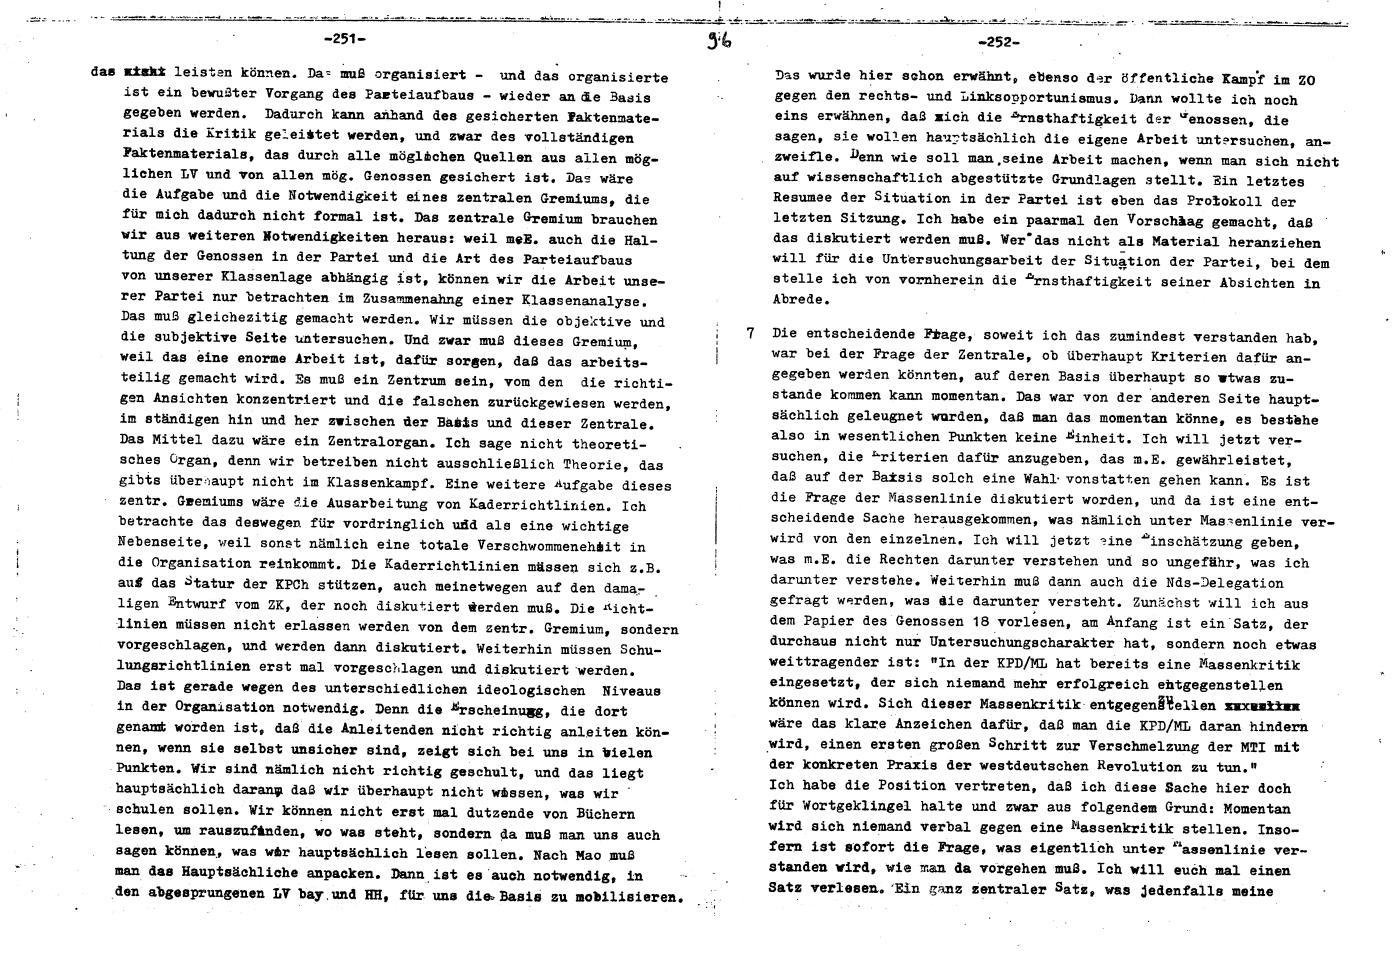 KPDML_1971_Wortprotokolle_aoPt_062